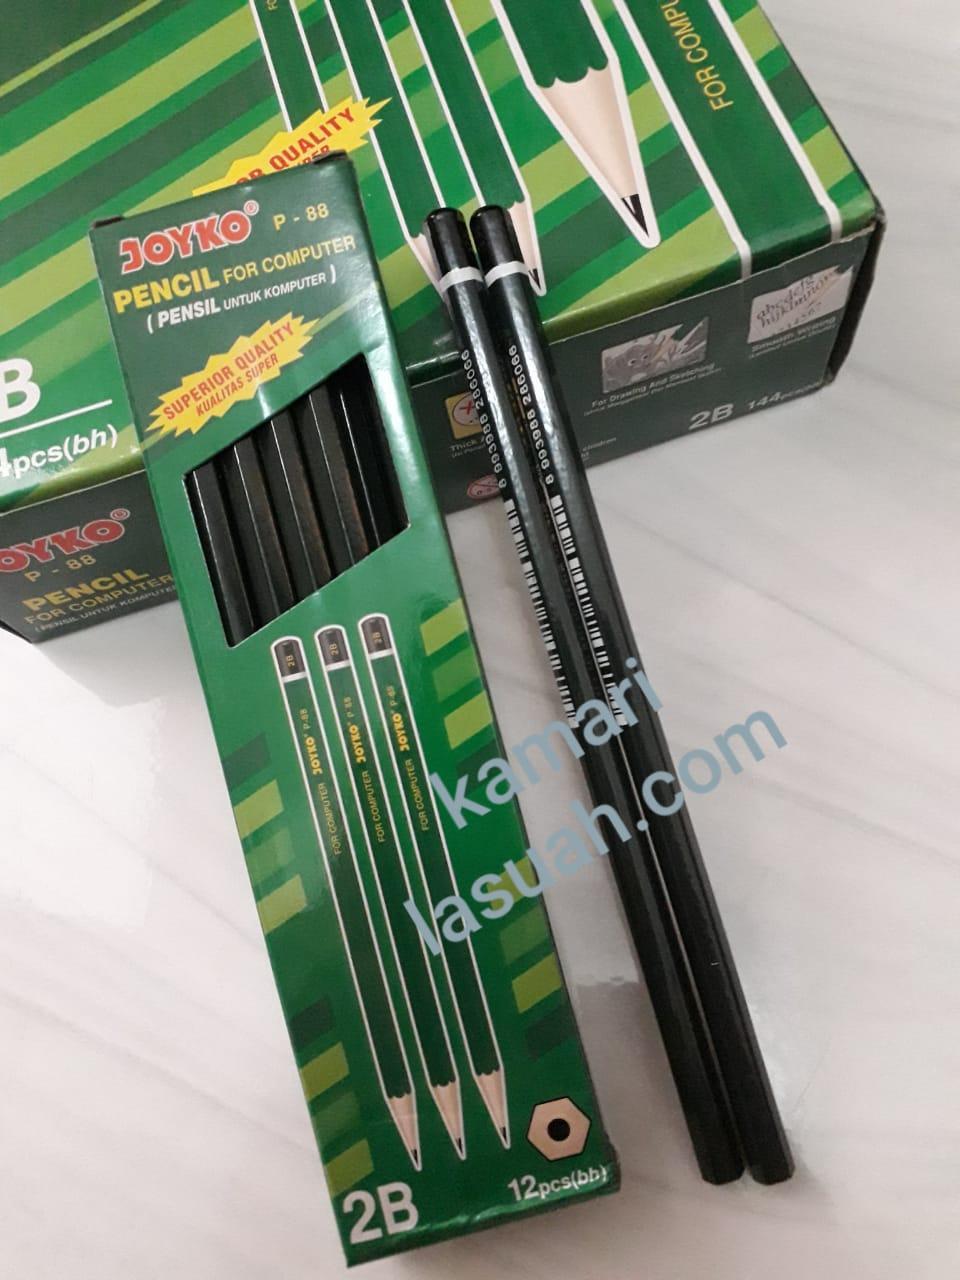 Joyko Pencil For Computer 2B P-88 [ 1 pak/12 pcs] Pensil Untuk Komputer